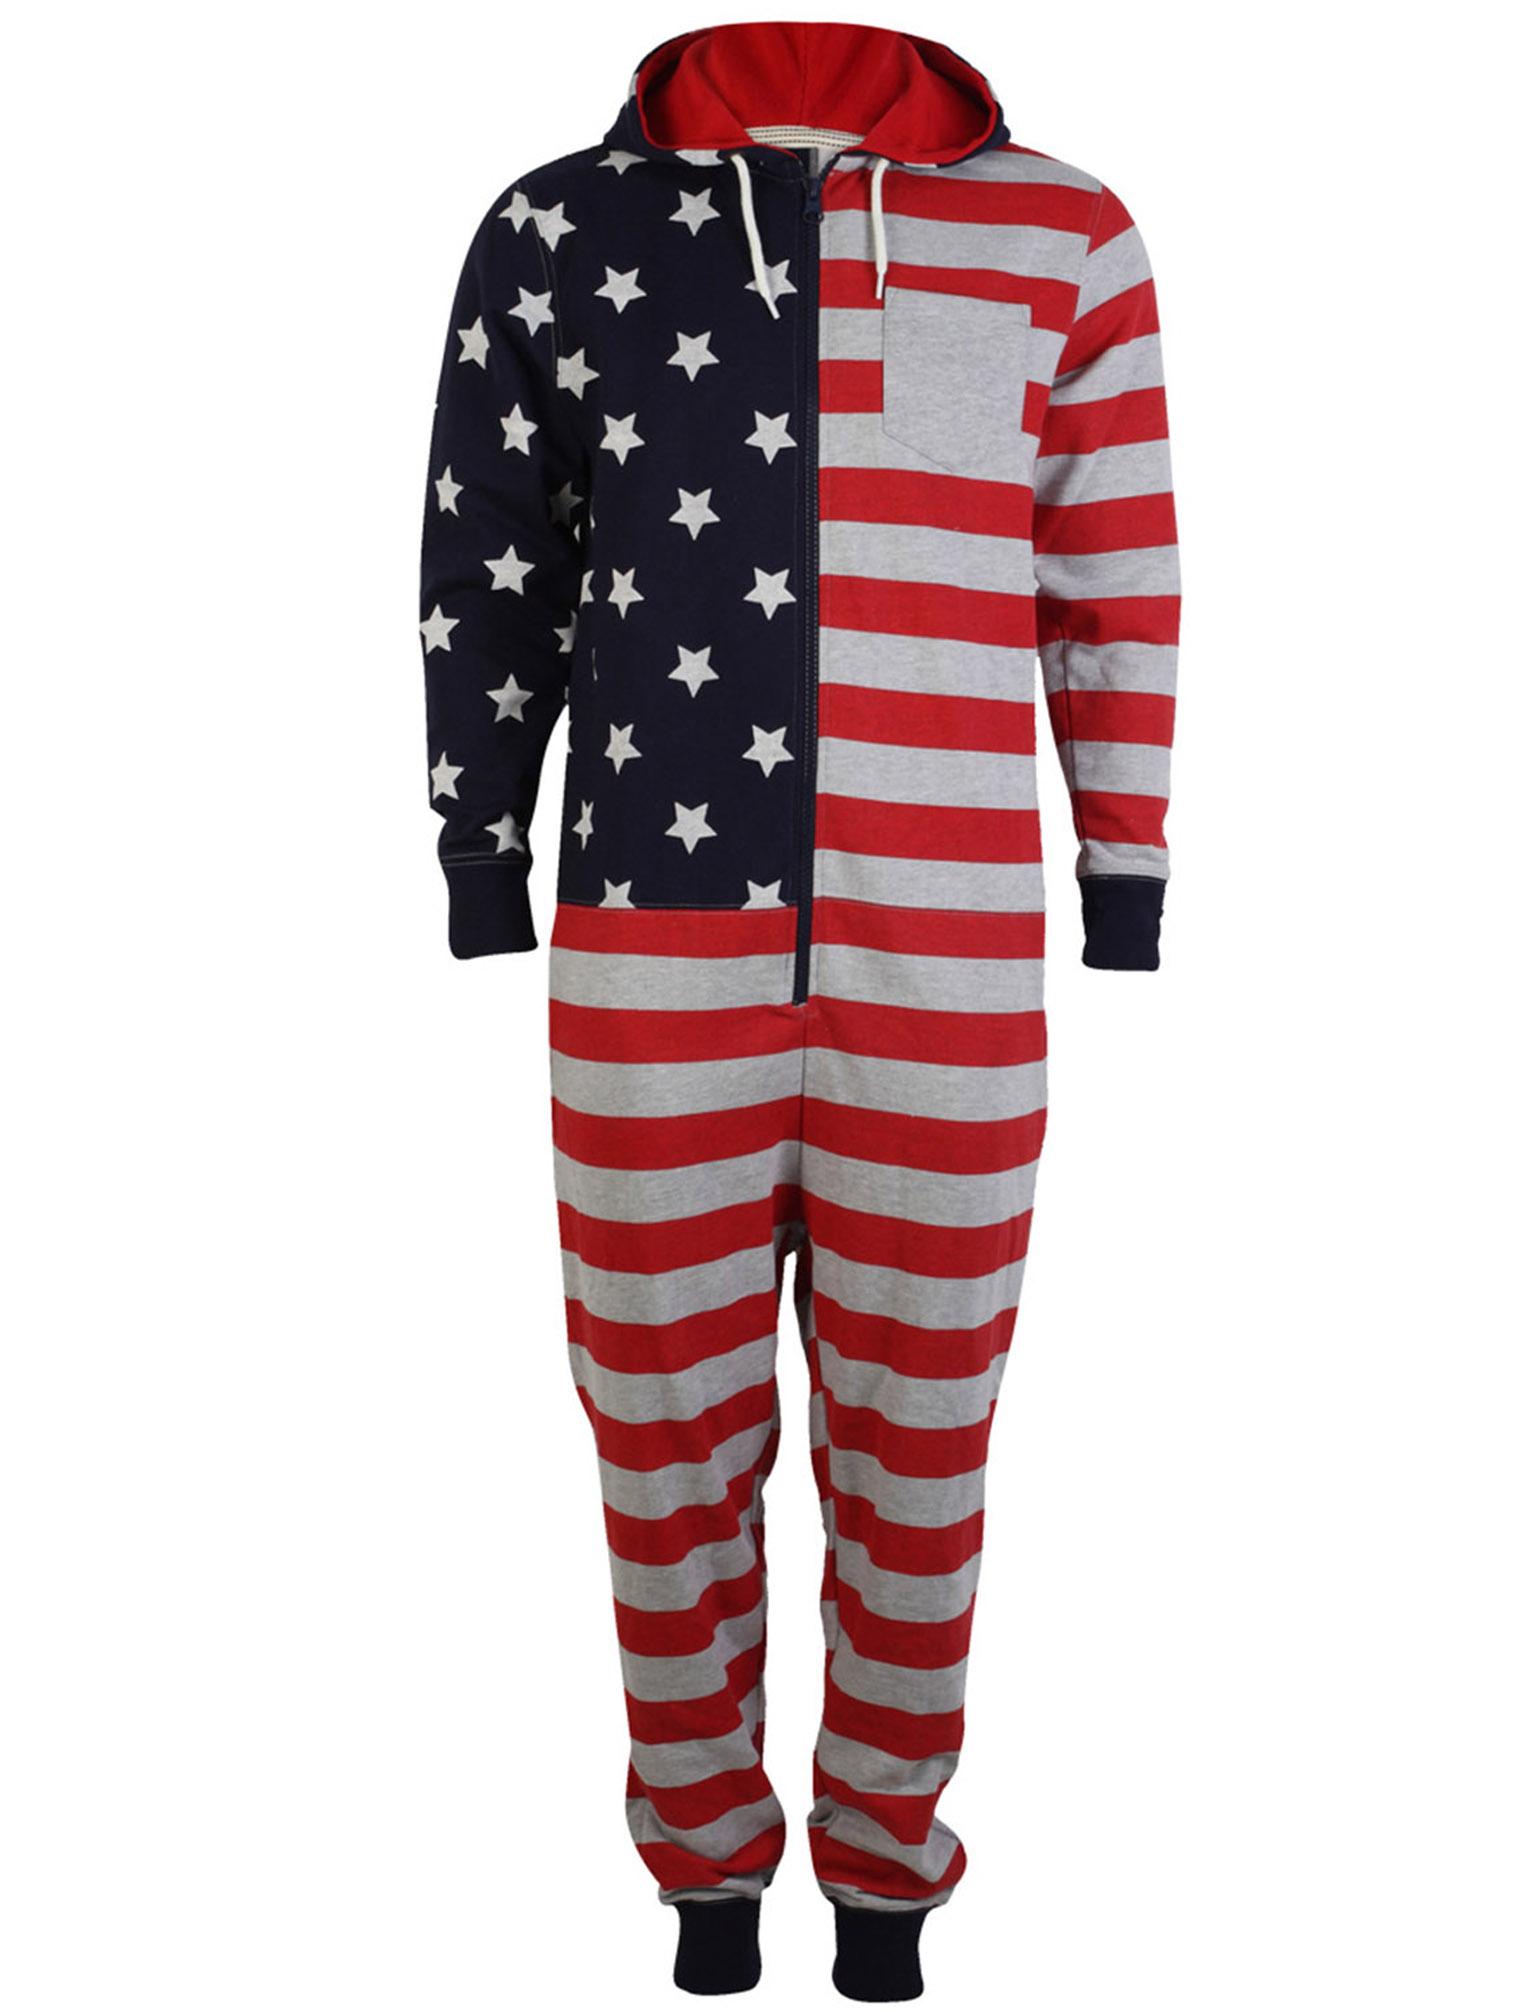 صوره صور بنات لبسه بنطيل علم امريكا , ملابس تحمل علم امريكا